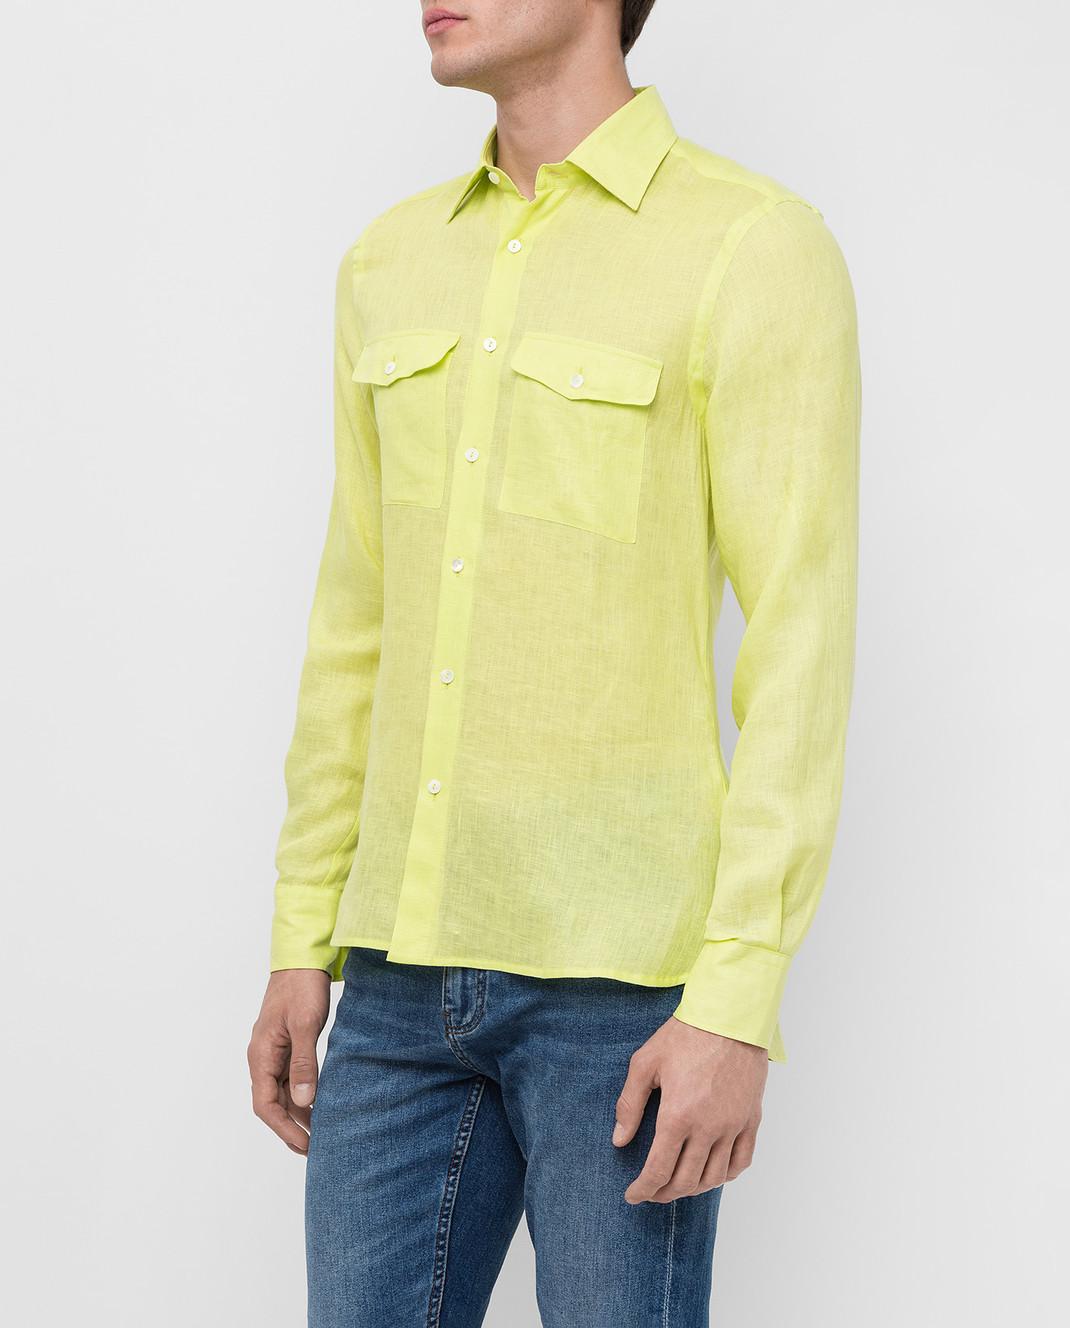 Ermanno Scervino Рубашка из льна изображение 3